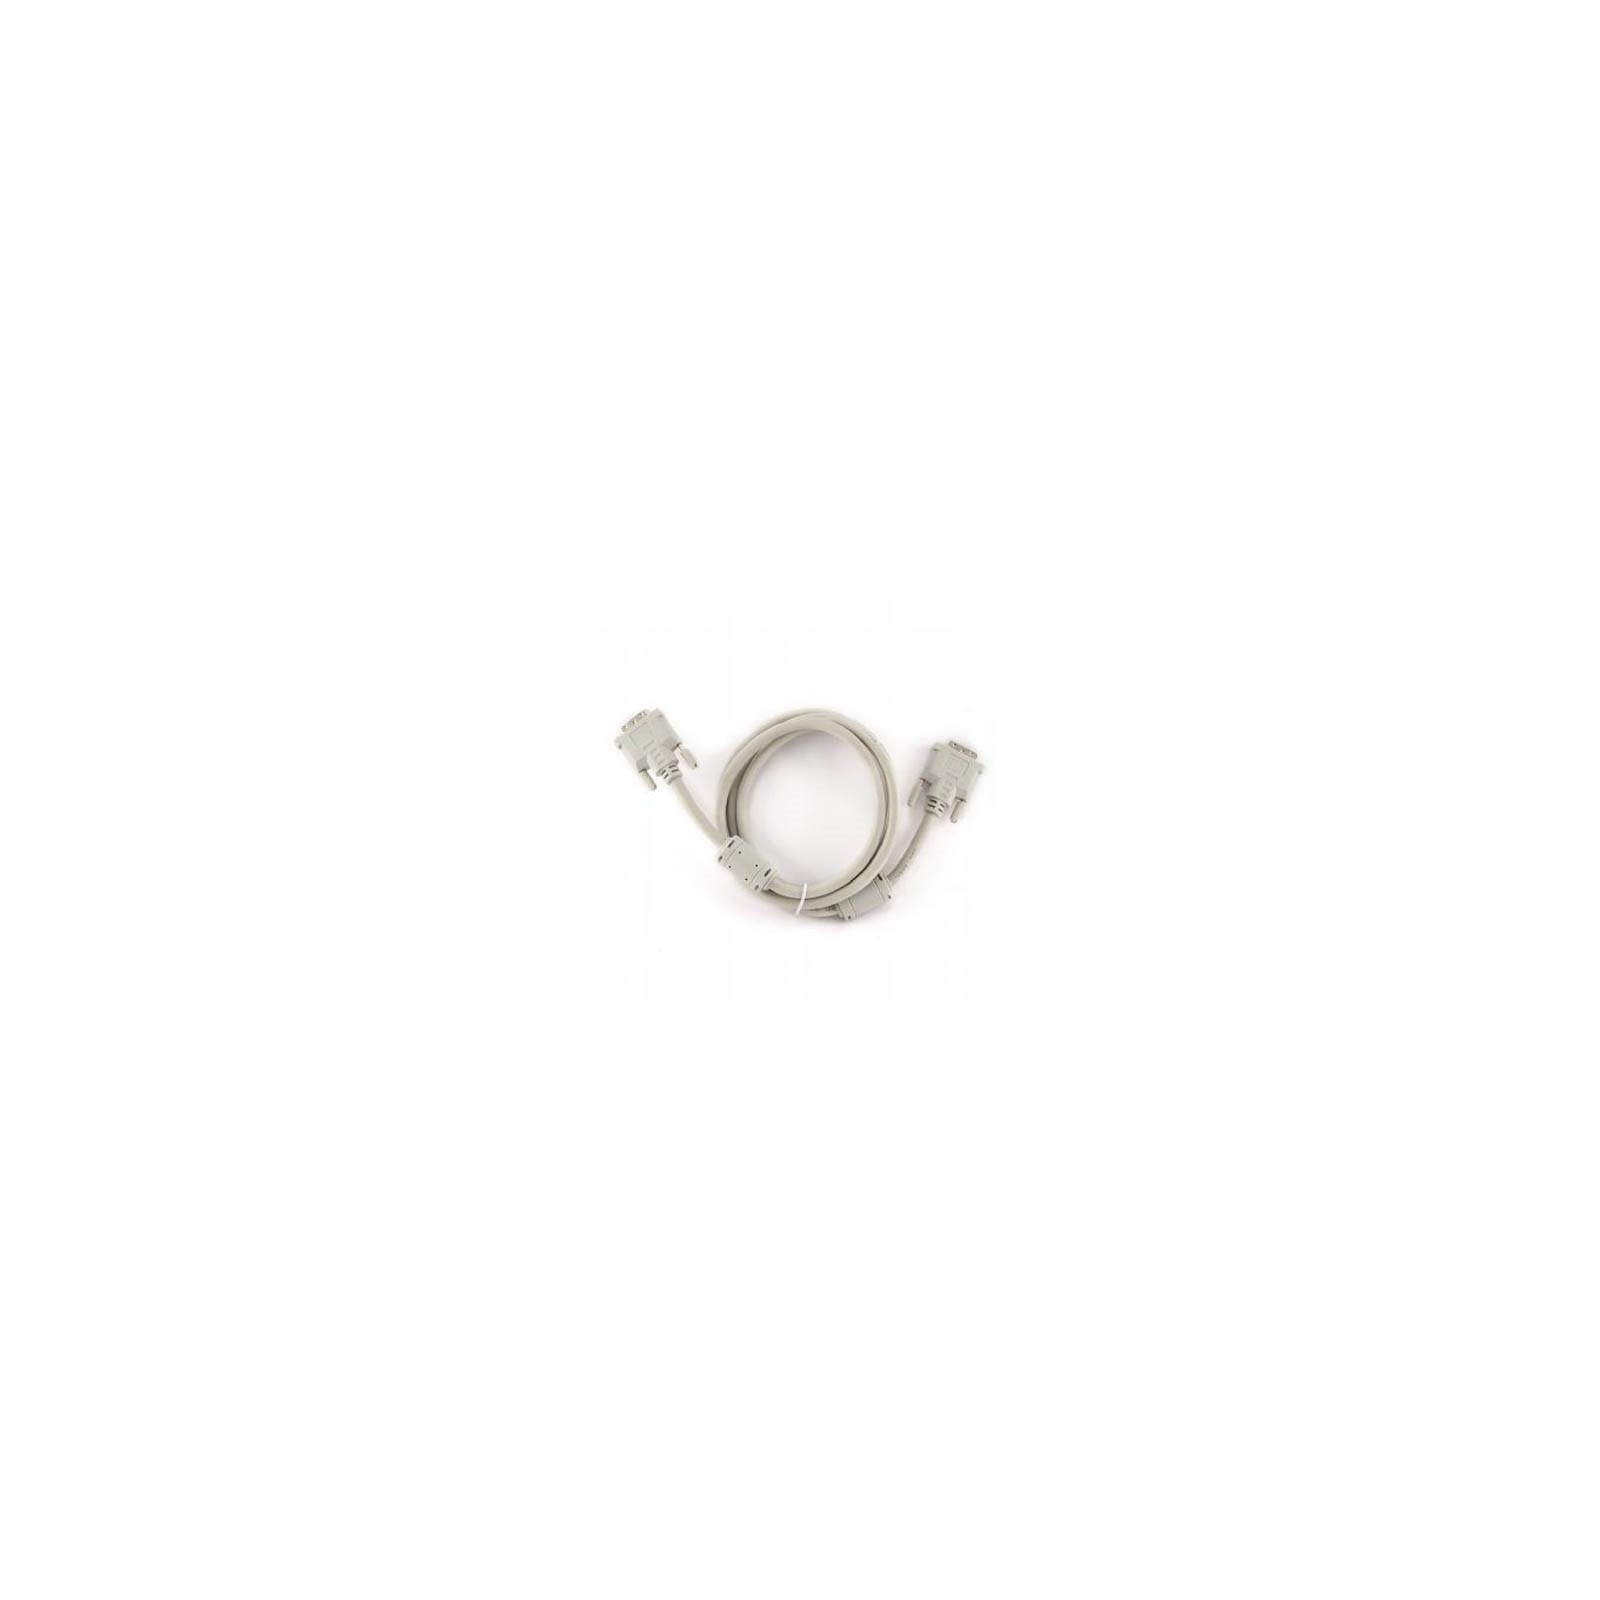 Кабель мультимедийный DVI to DVI 24pin, 1.8 Cablexpert (CC-DVI2-6C)